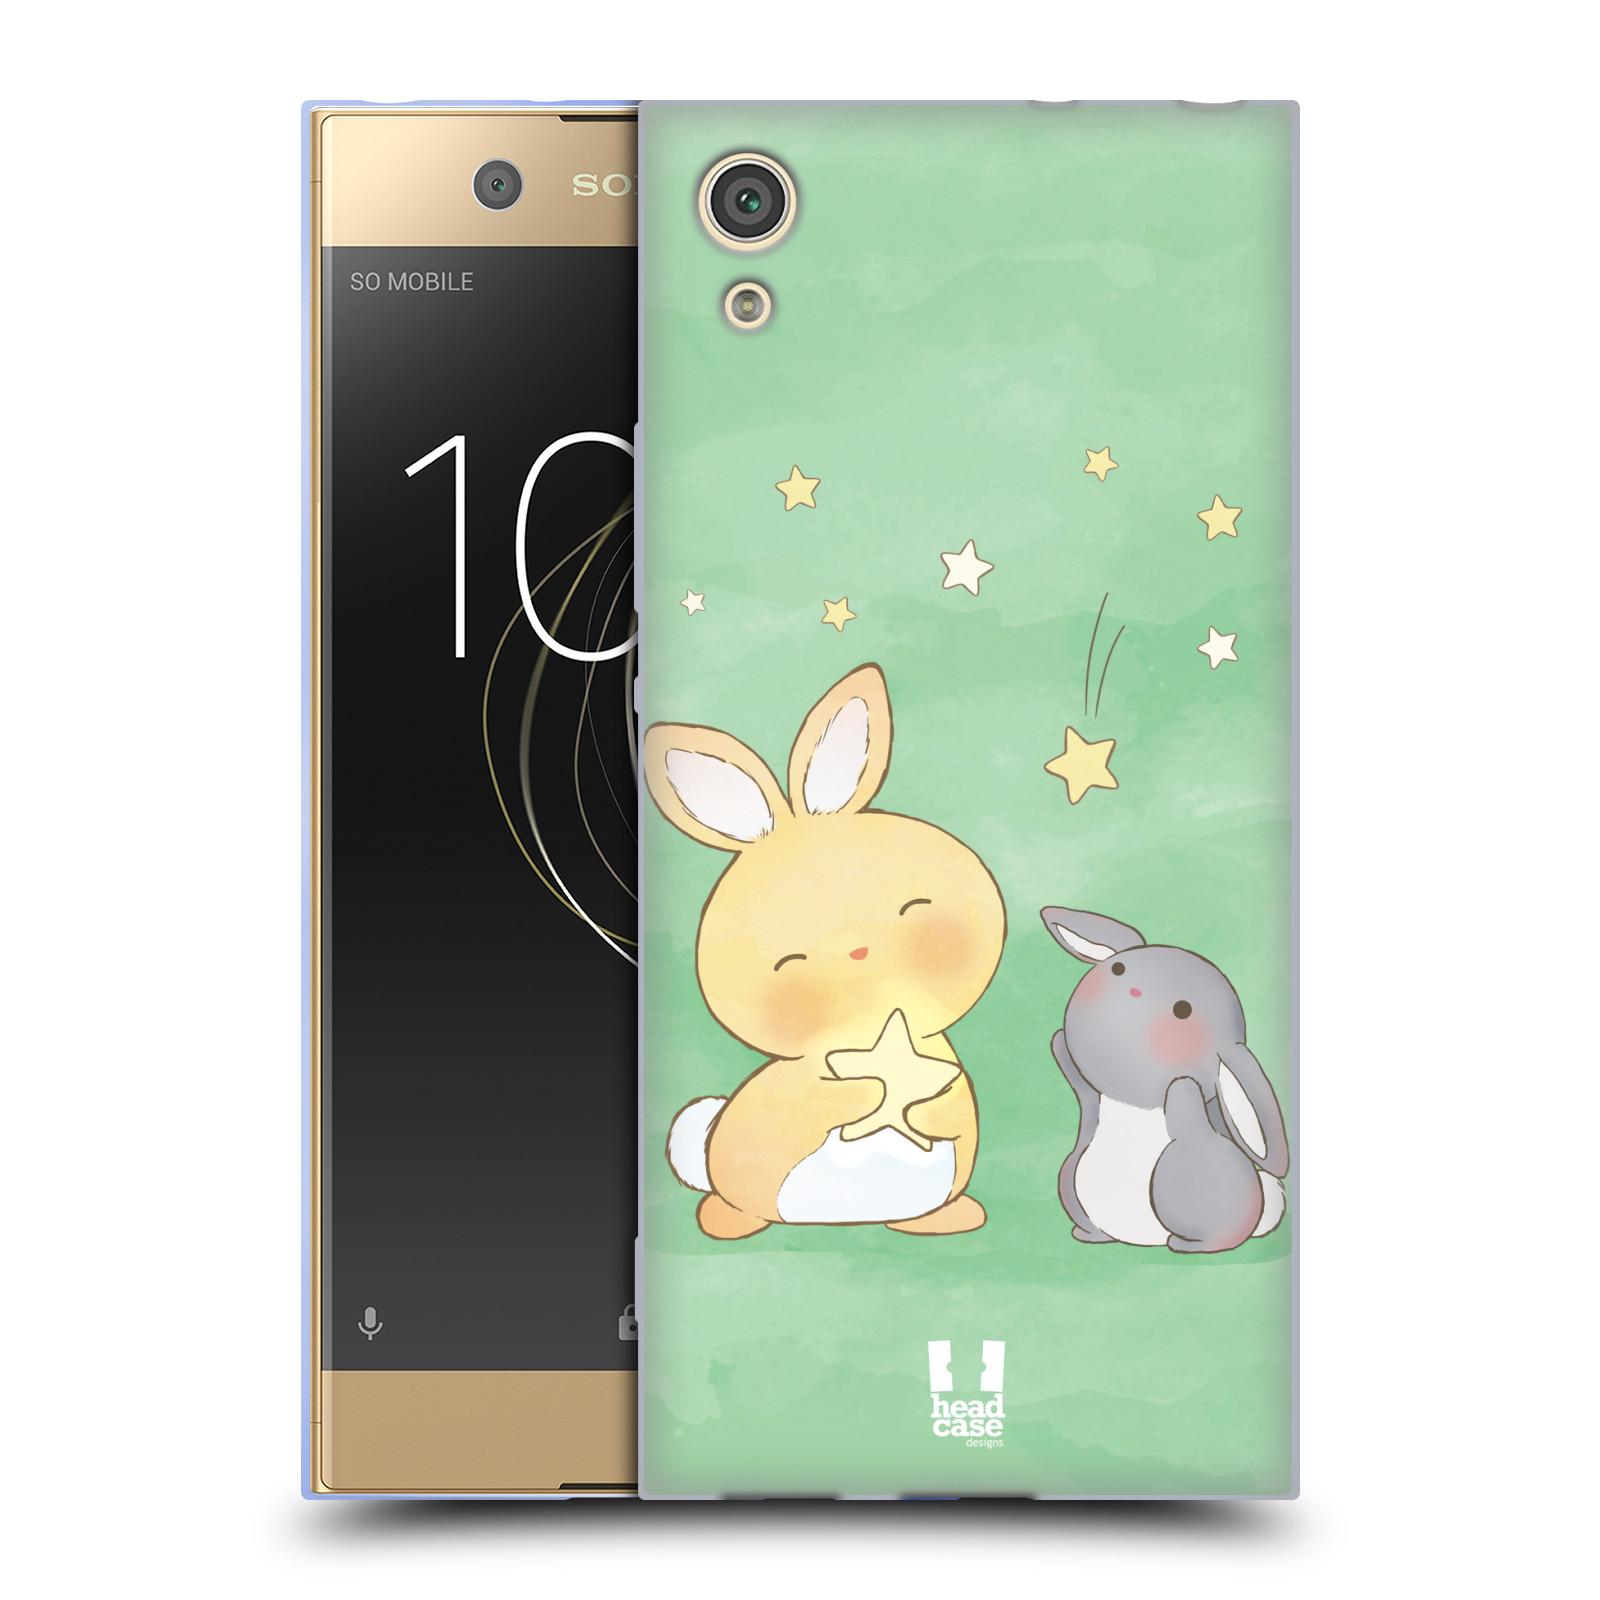 HEAD CASE silikonový obal na mobil Sony Xperia XA1 / XA1 DUAL SIM vzor králíček a hvězdy zelená